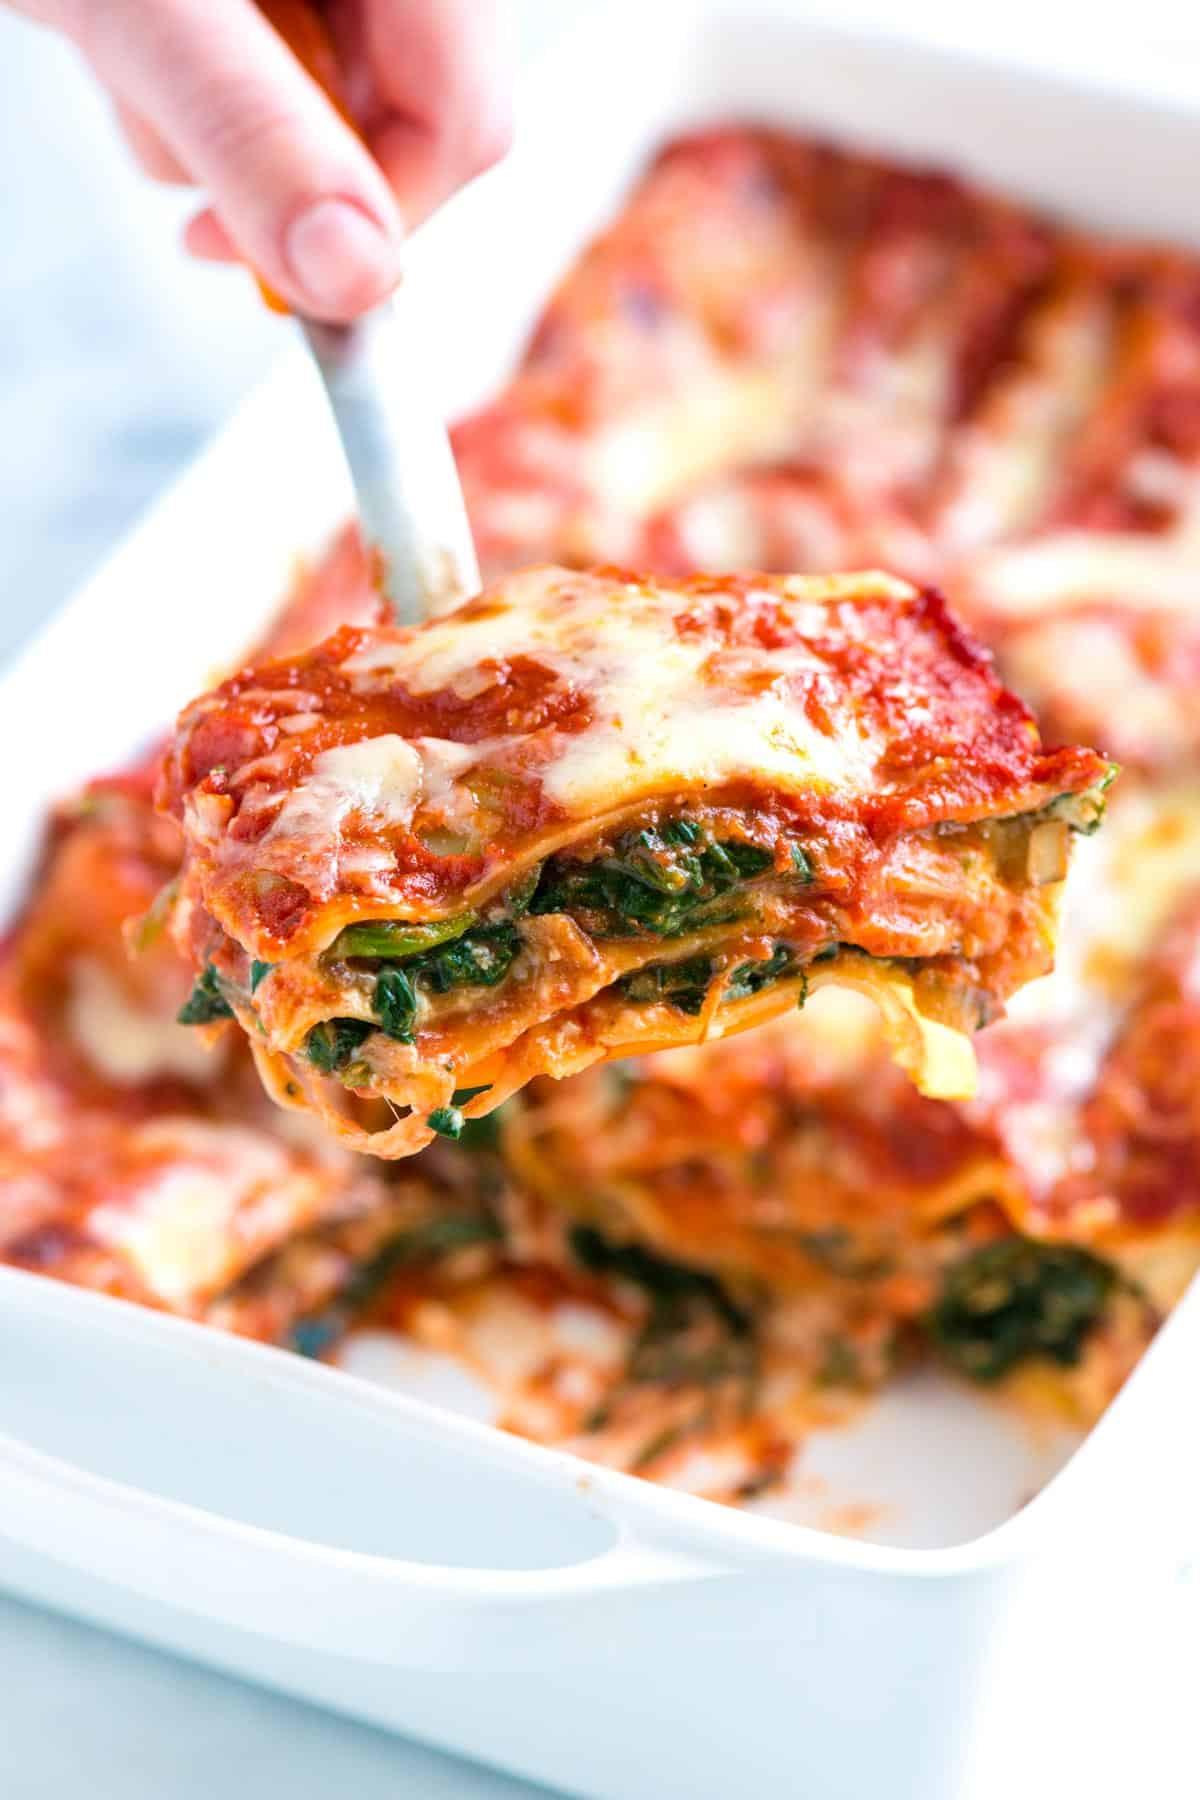 Easy Healthy Lasagna Recipe  Healthier Spinach Lasagna Recipe with Mushrooms